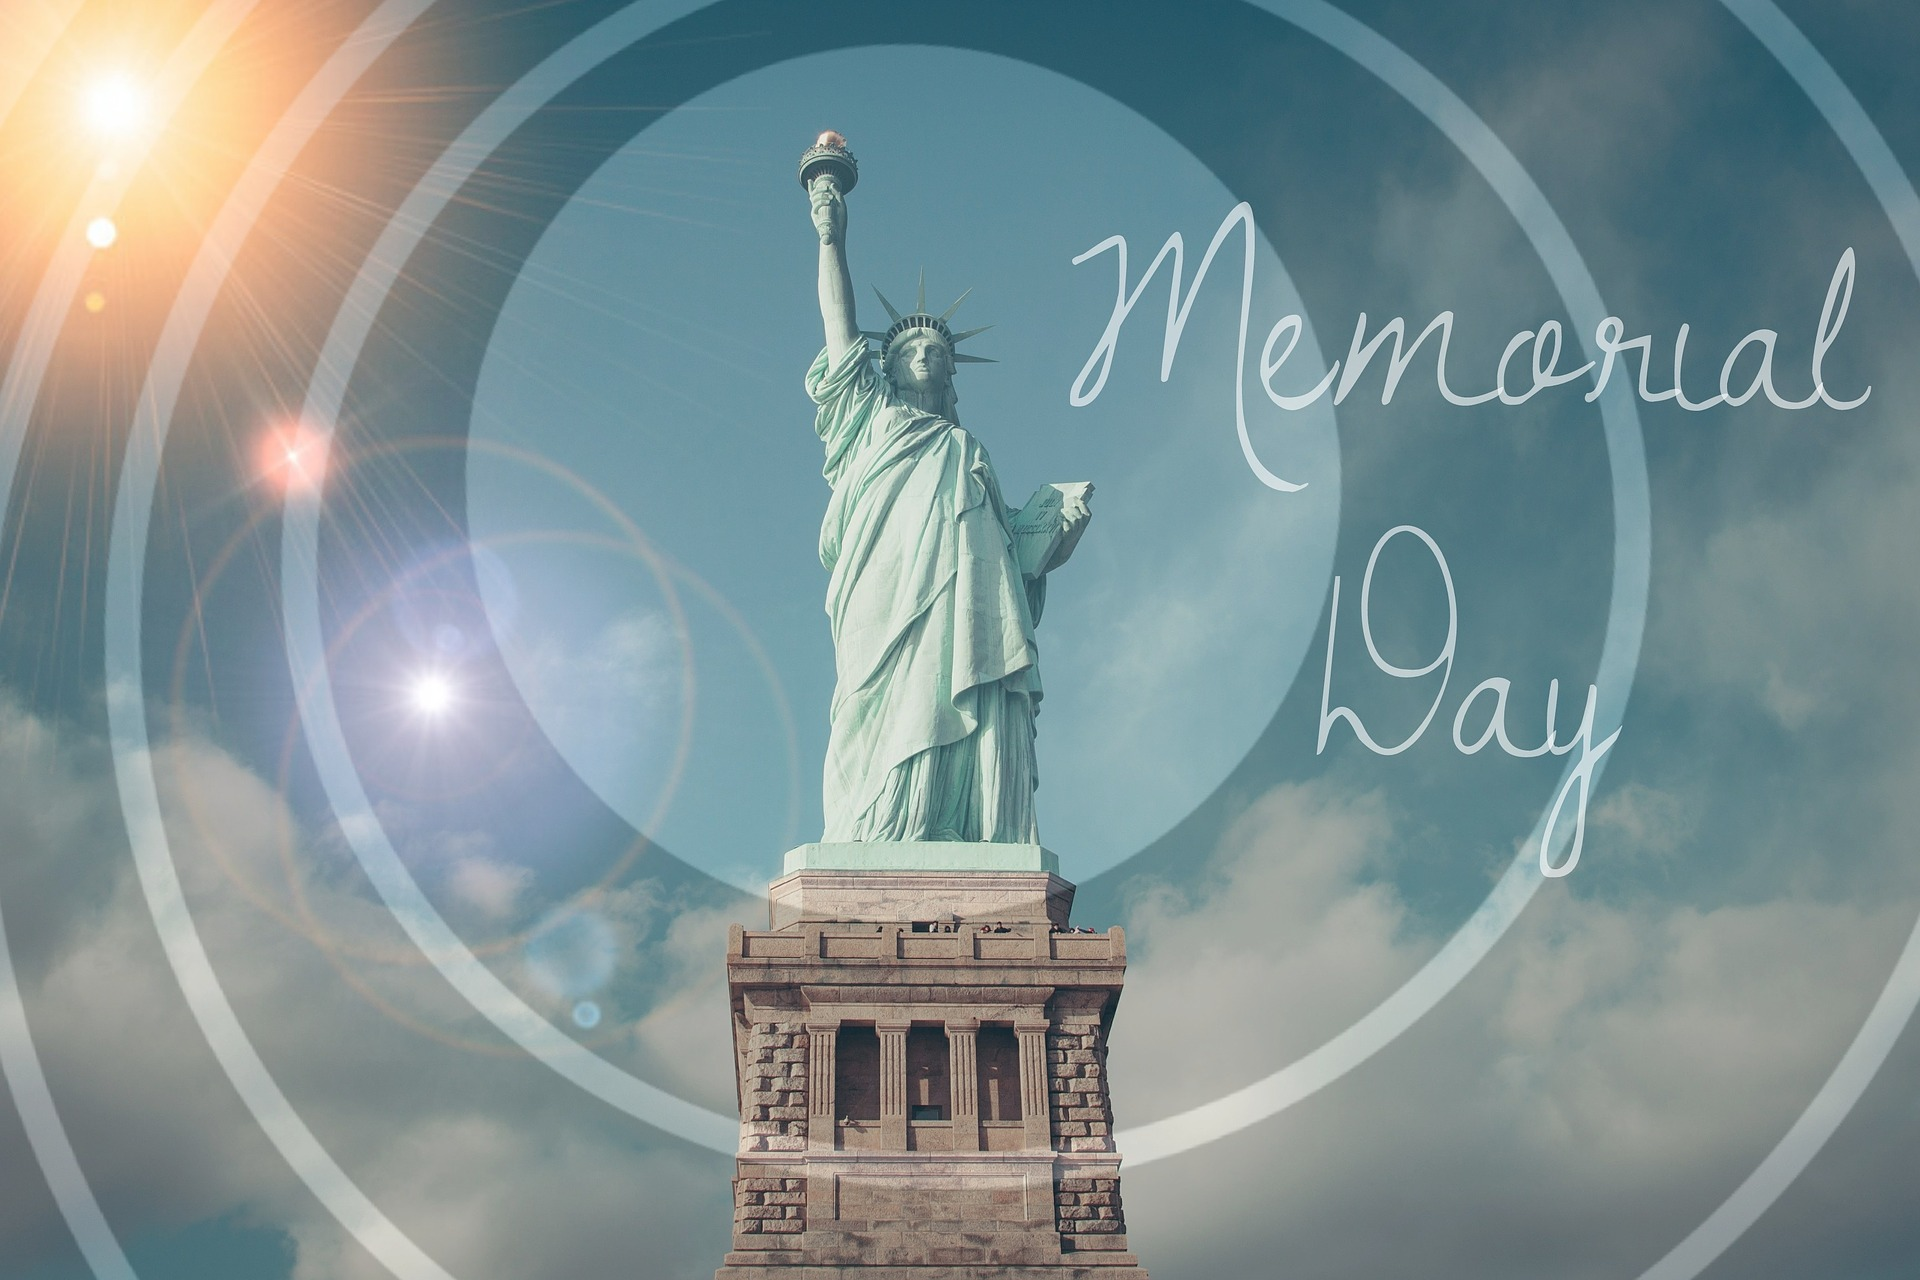 memorial-day-872189_1920.jpg